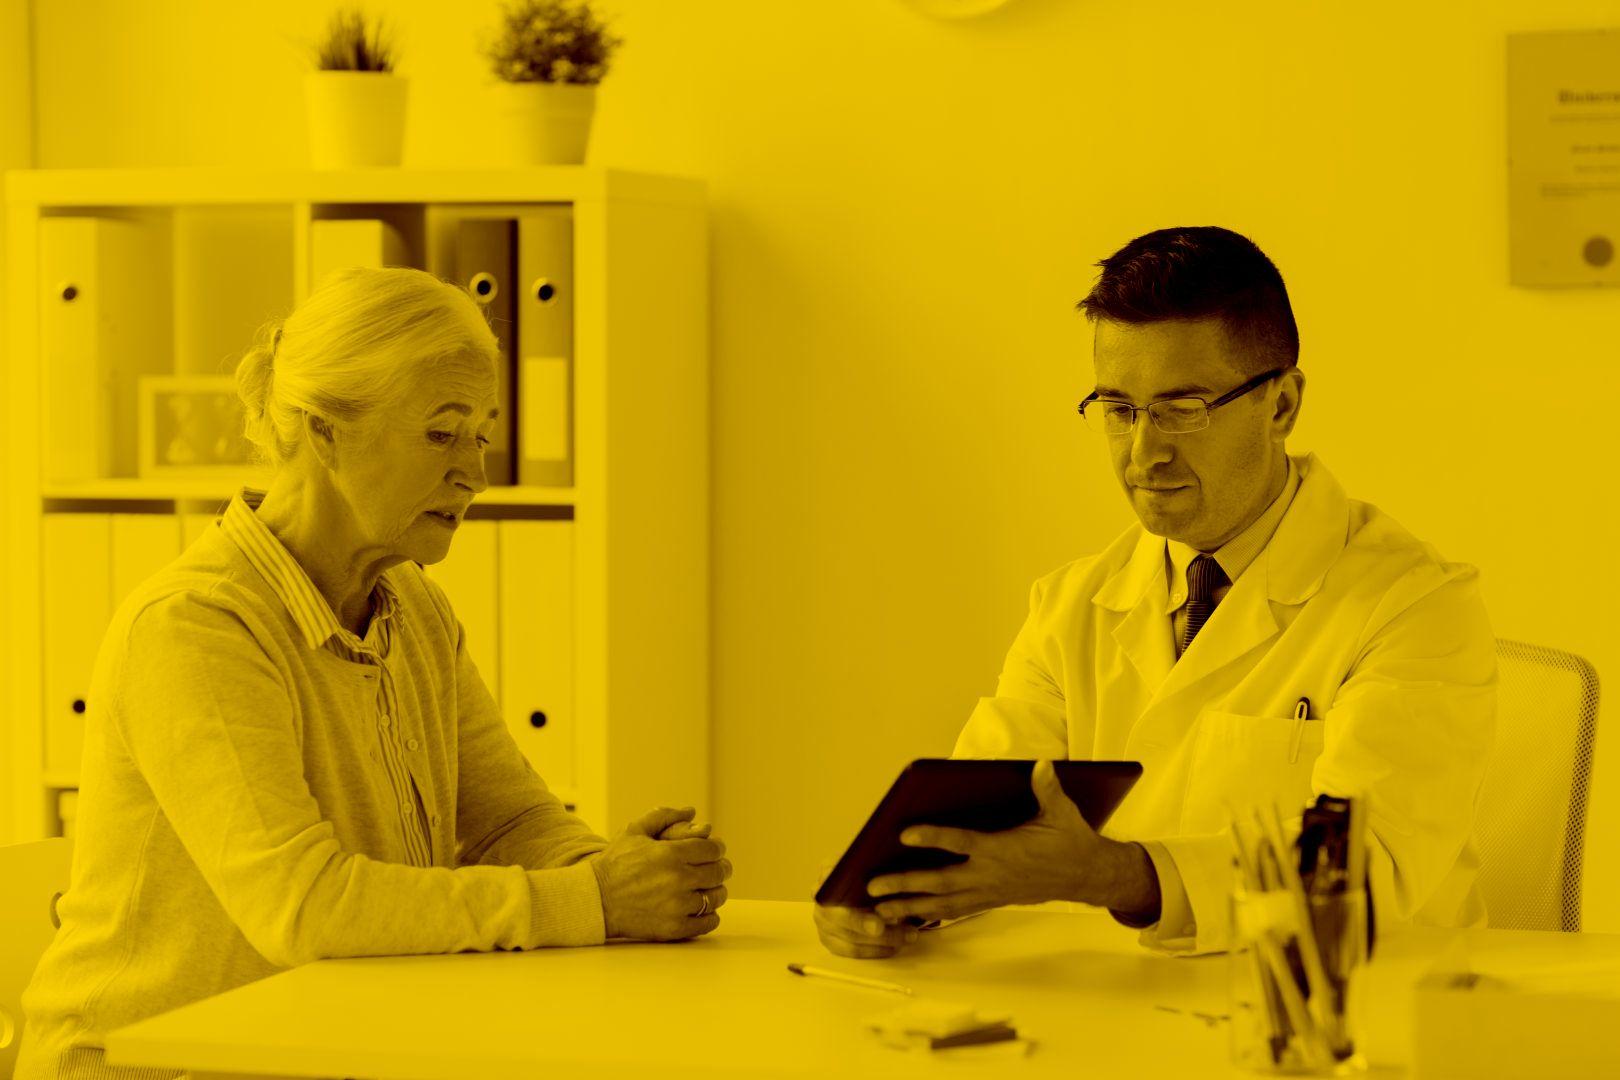 Arzt hat Besprechung mit Seniorin, hat dabei Tablet in der hand mit Acs in der maja.cloud